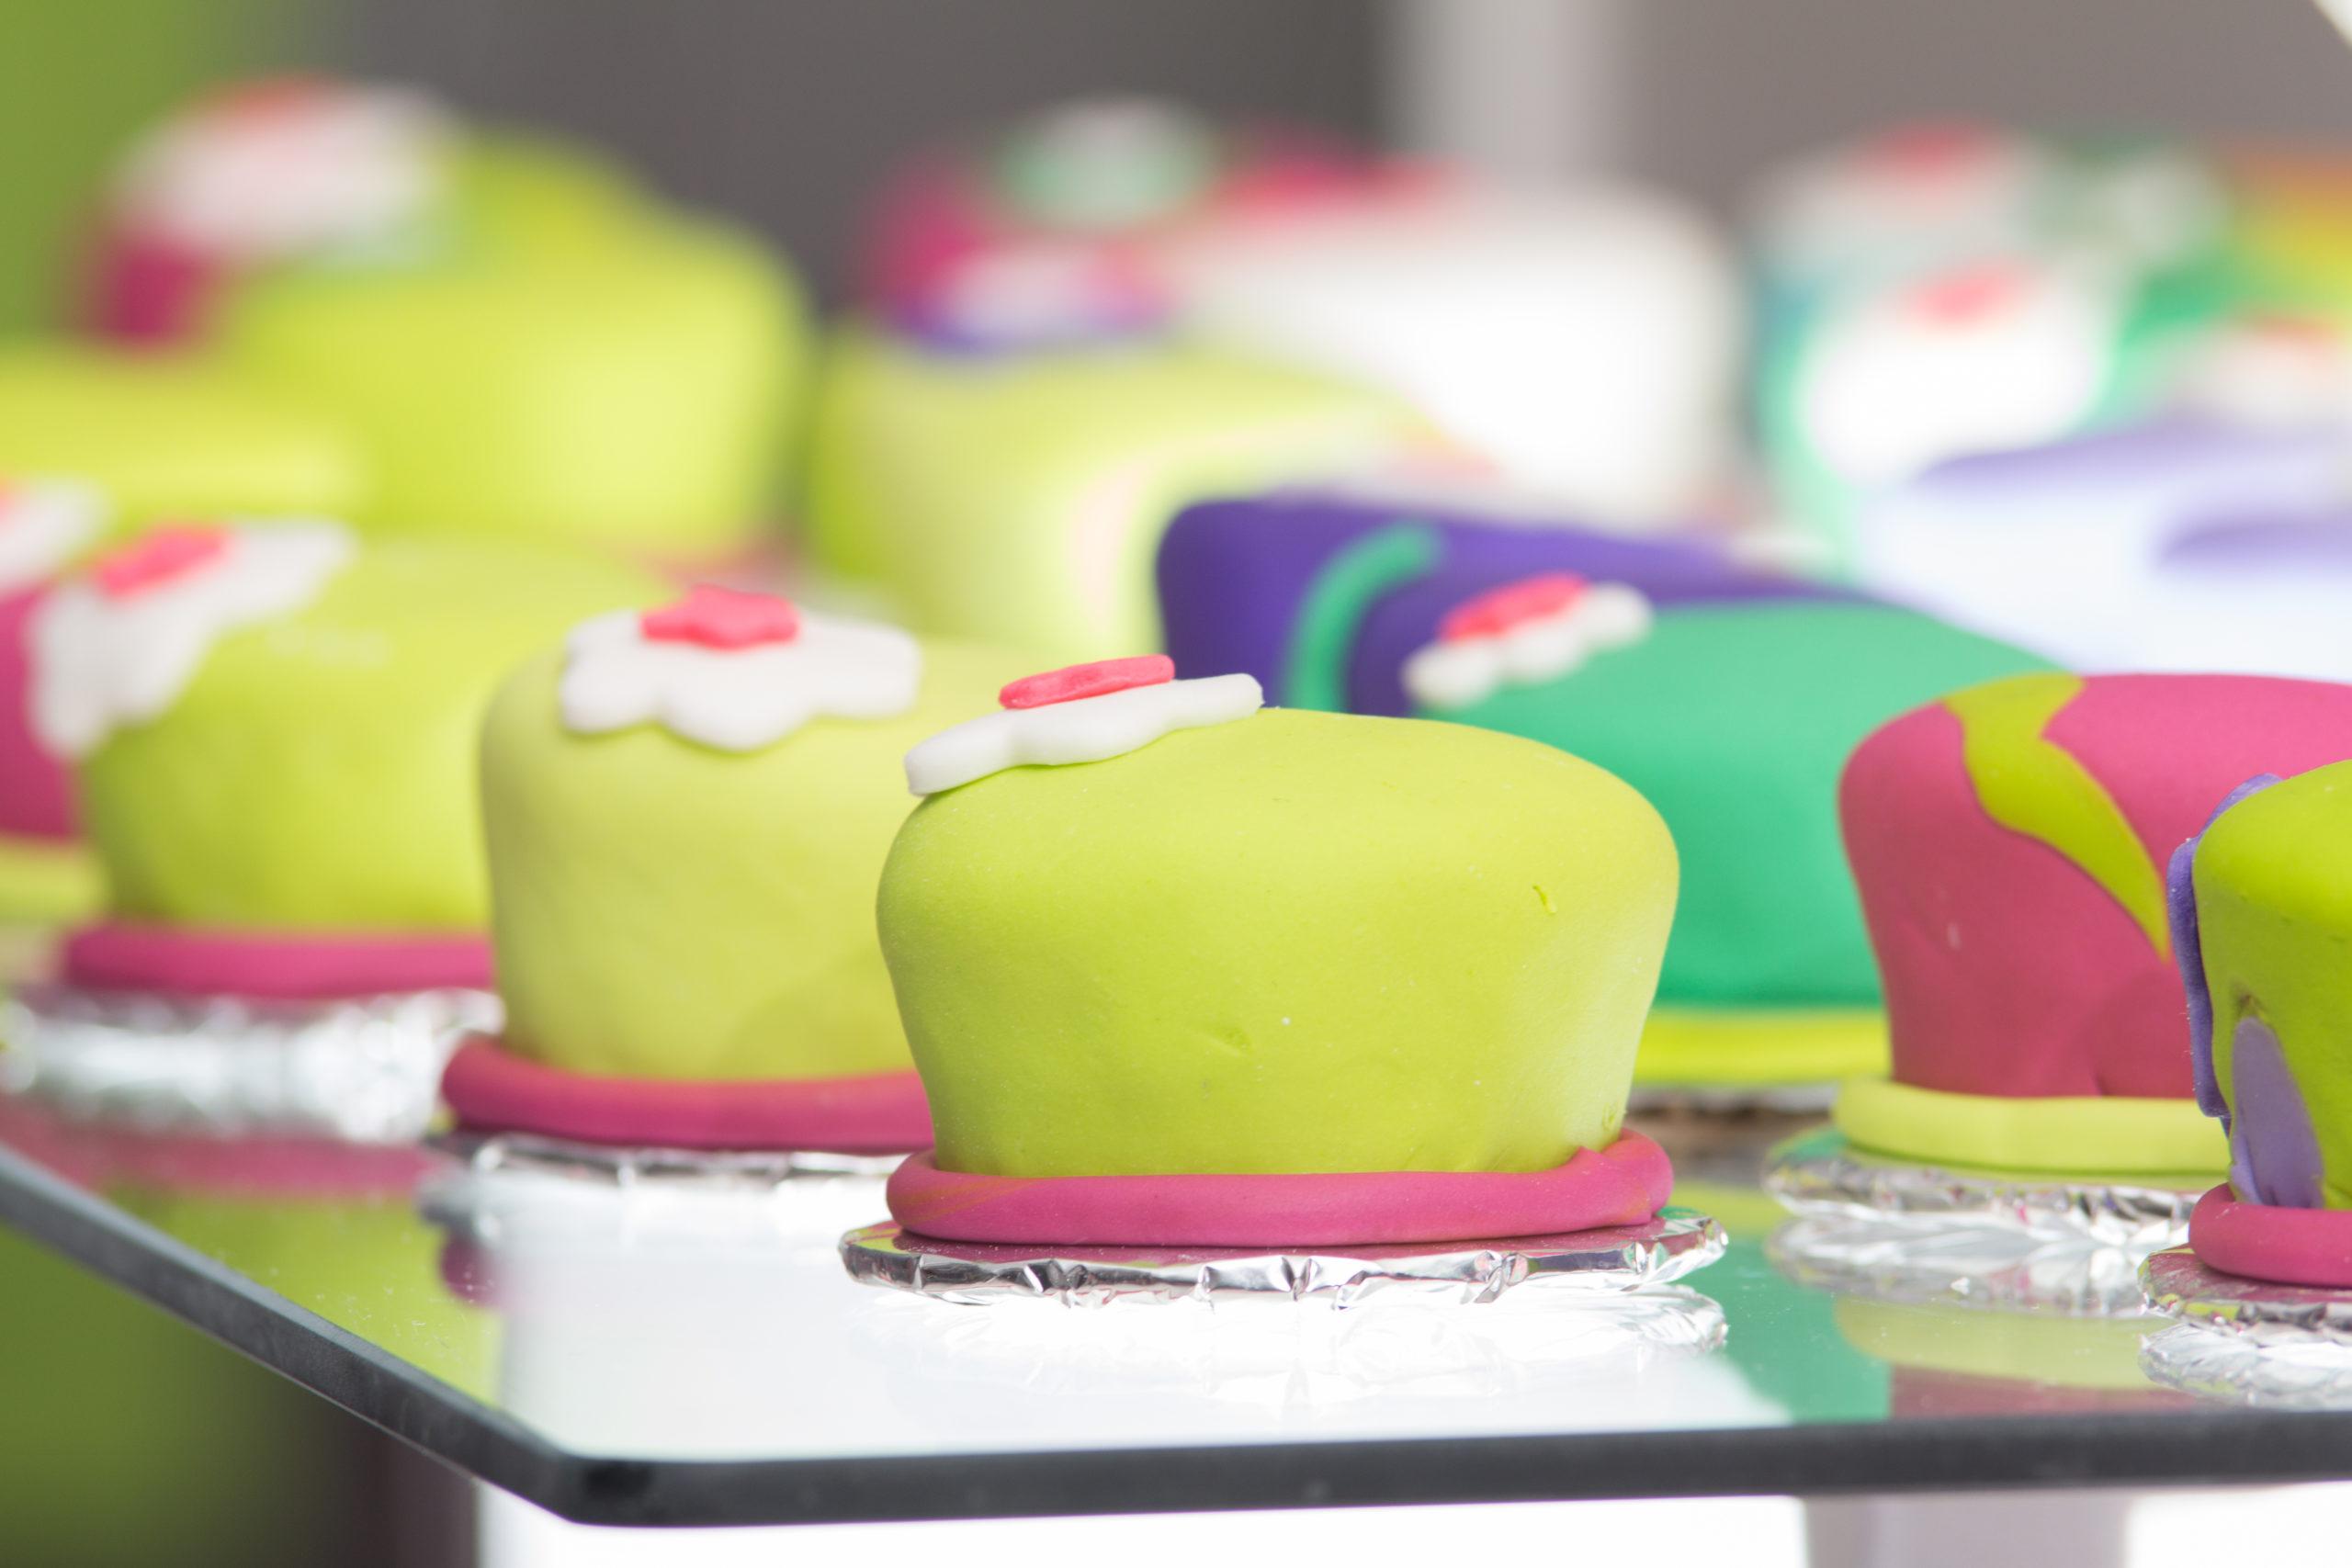 Expositor con dulces pequeños y variados de aspecto delicioso